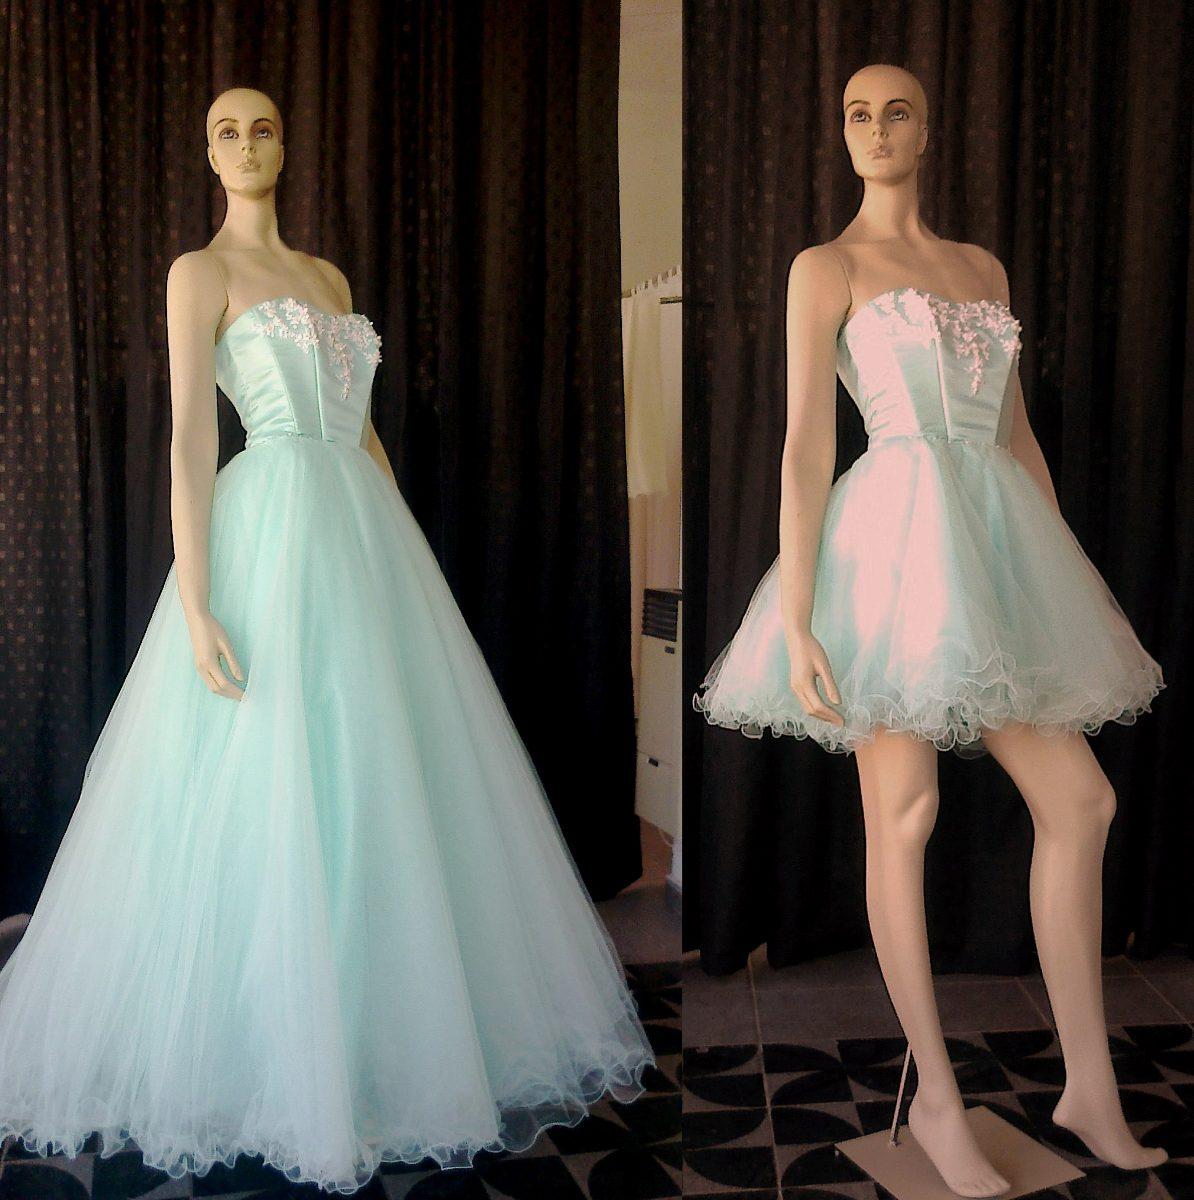 Vestidos largos 15 aСЂС–РІВ±os